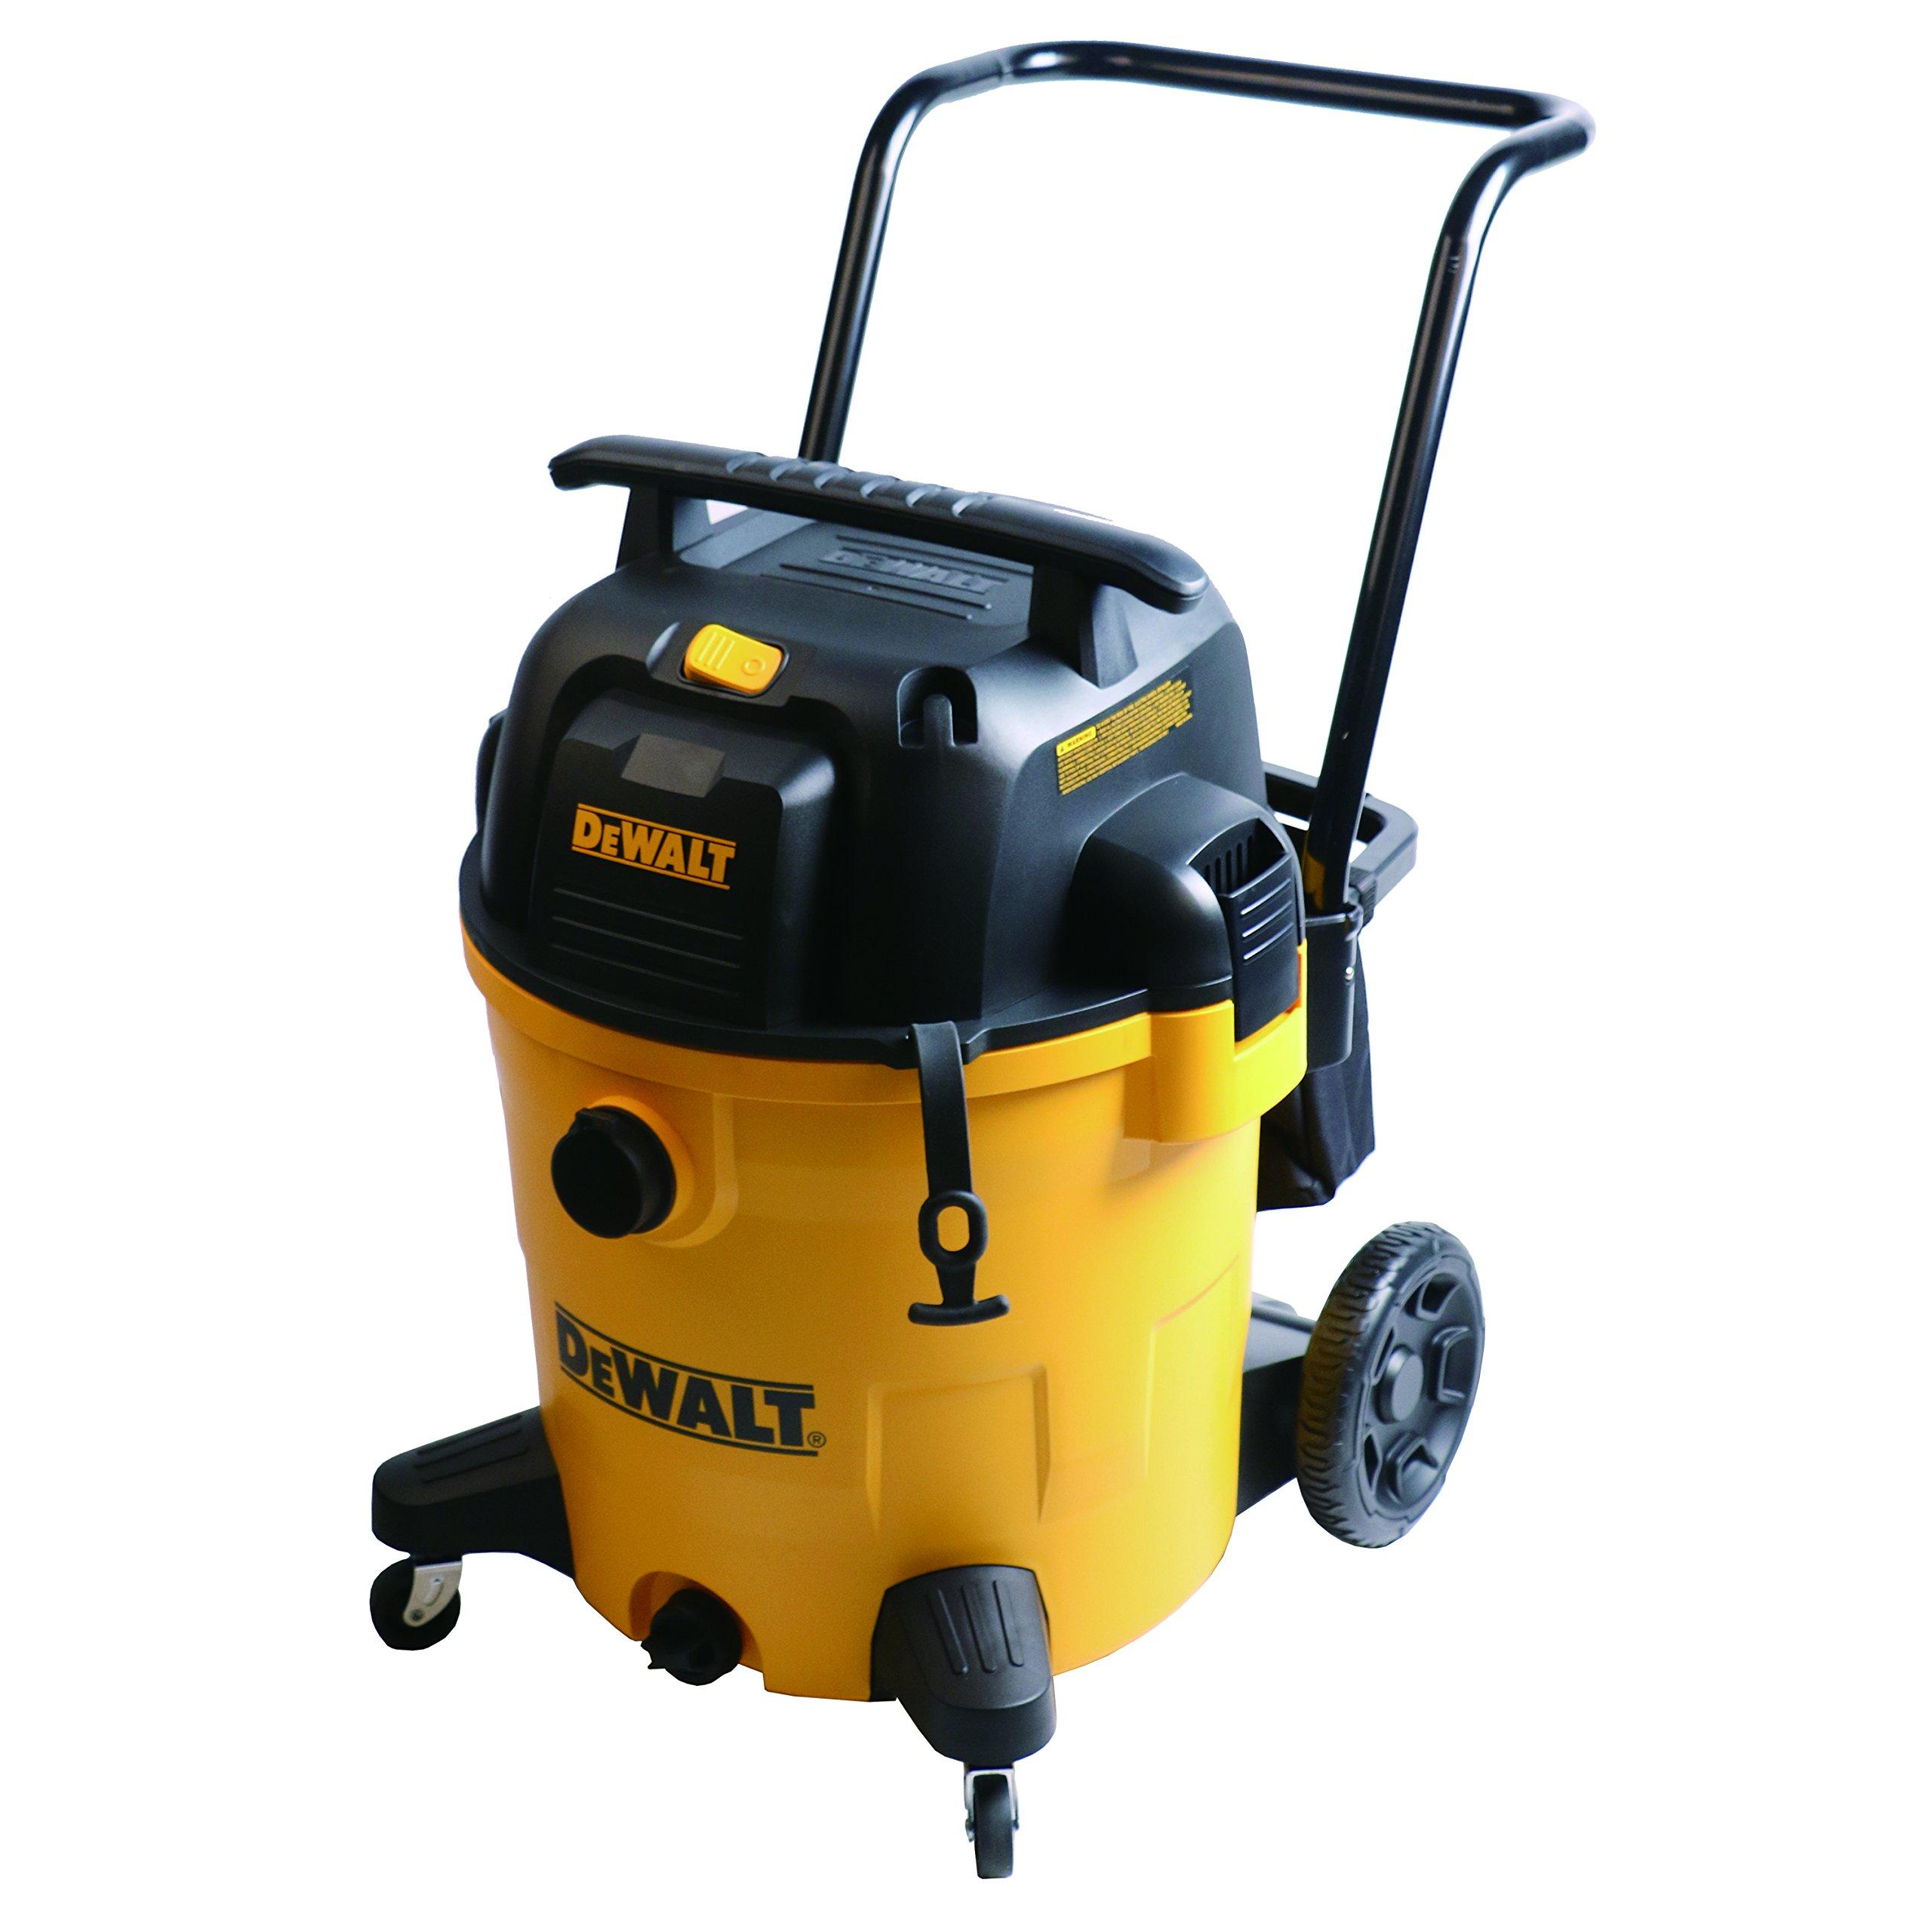 DeWALT 16 gallon Poly Wet/Dry Vac/Acc by DEWALT